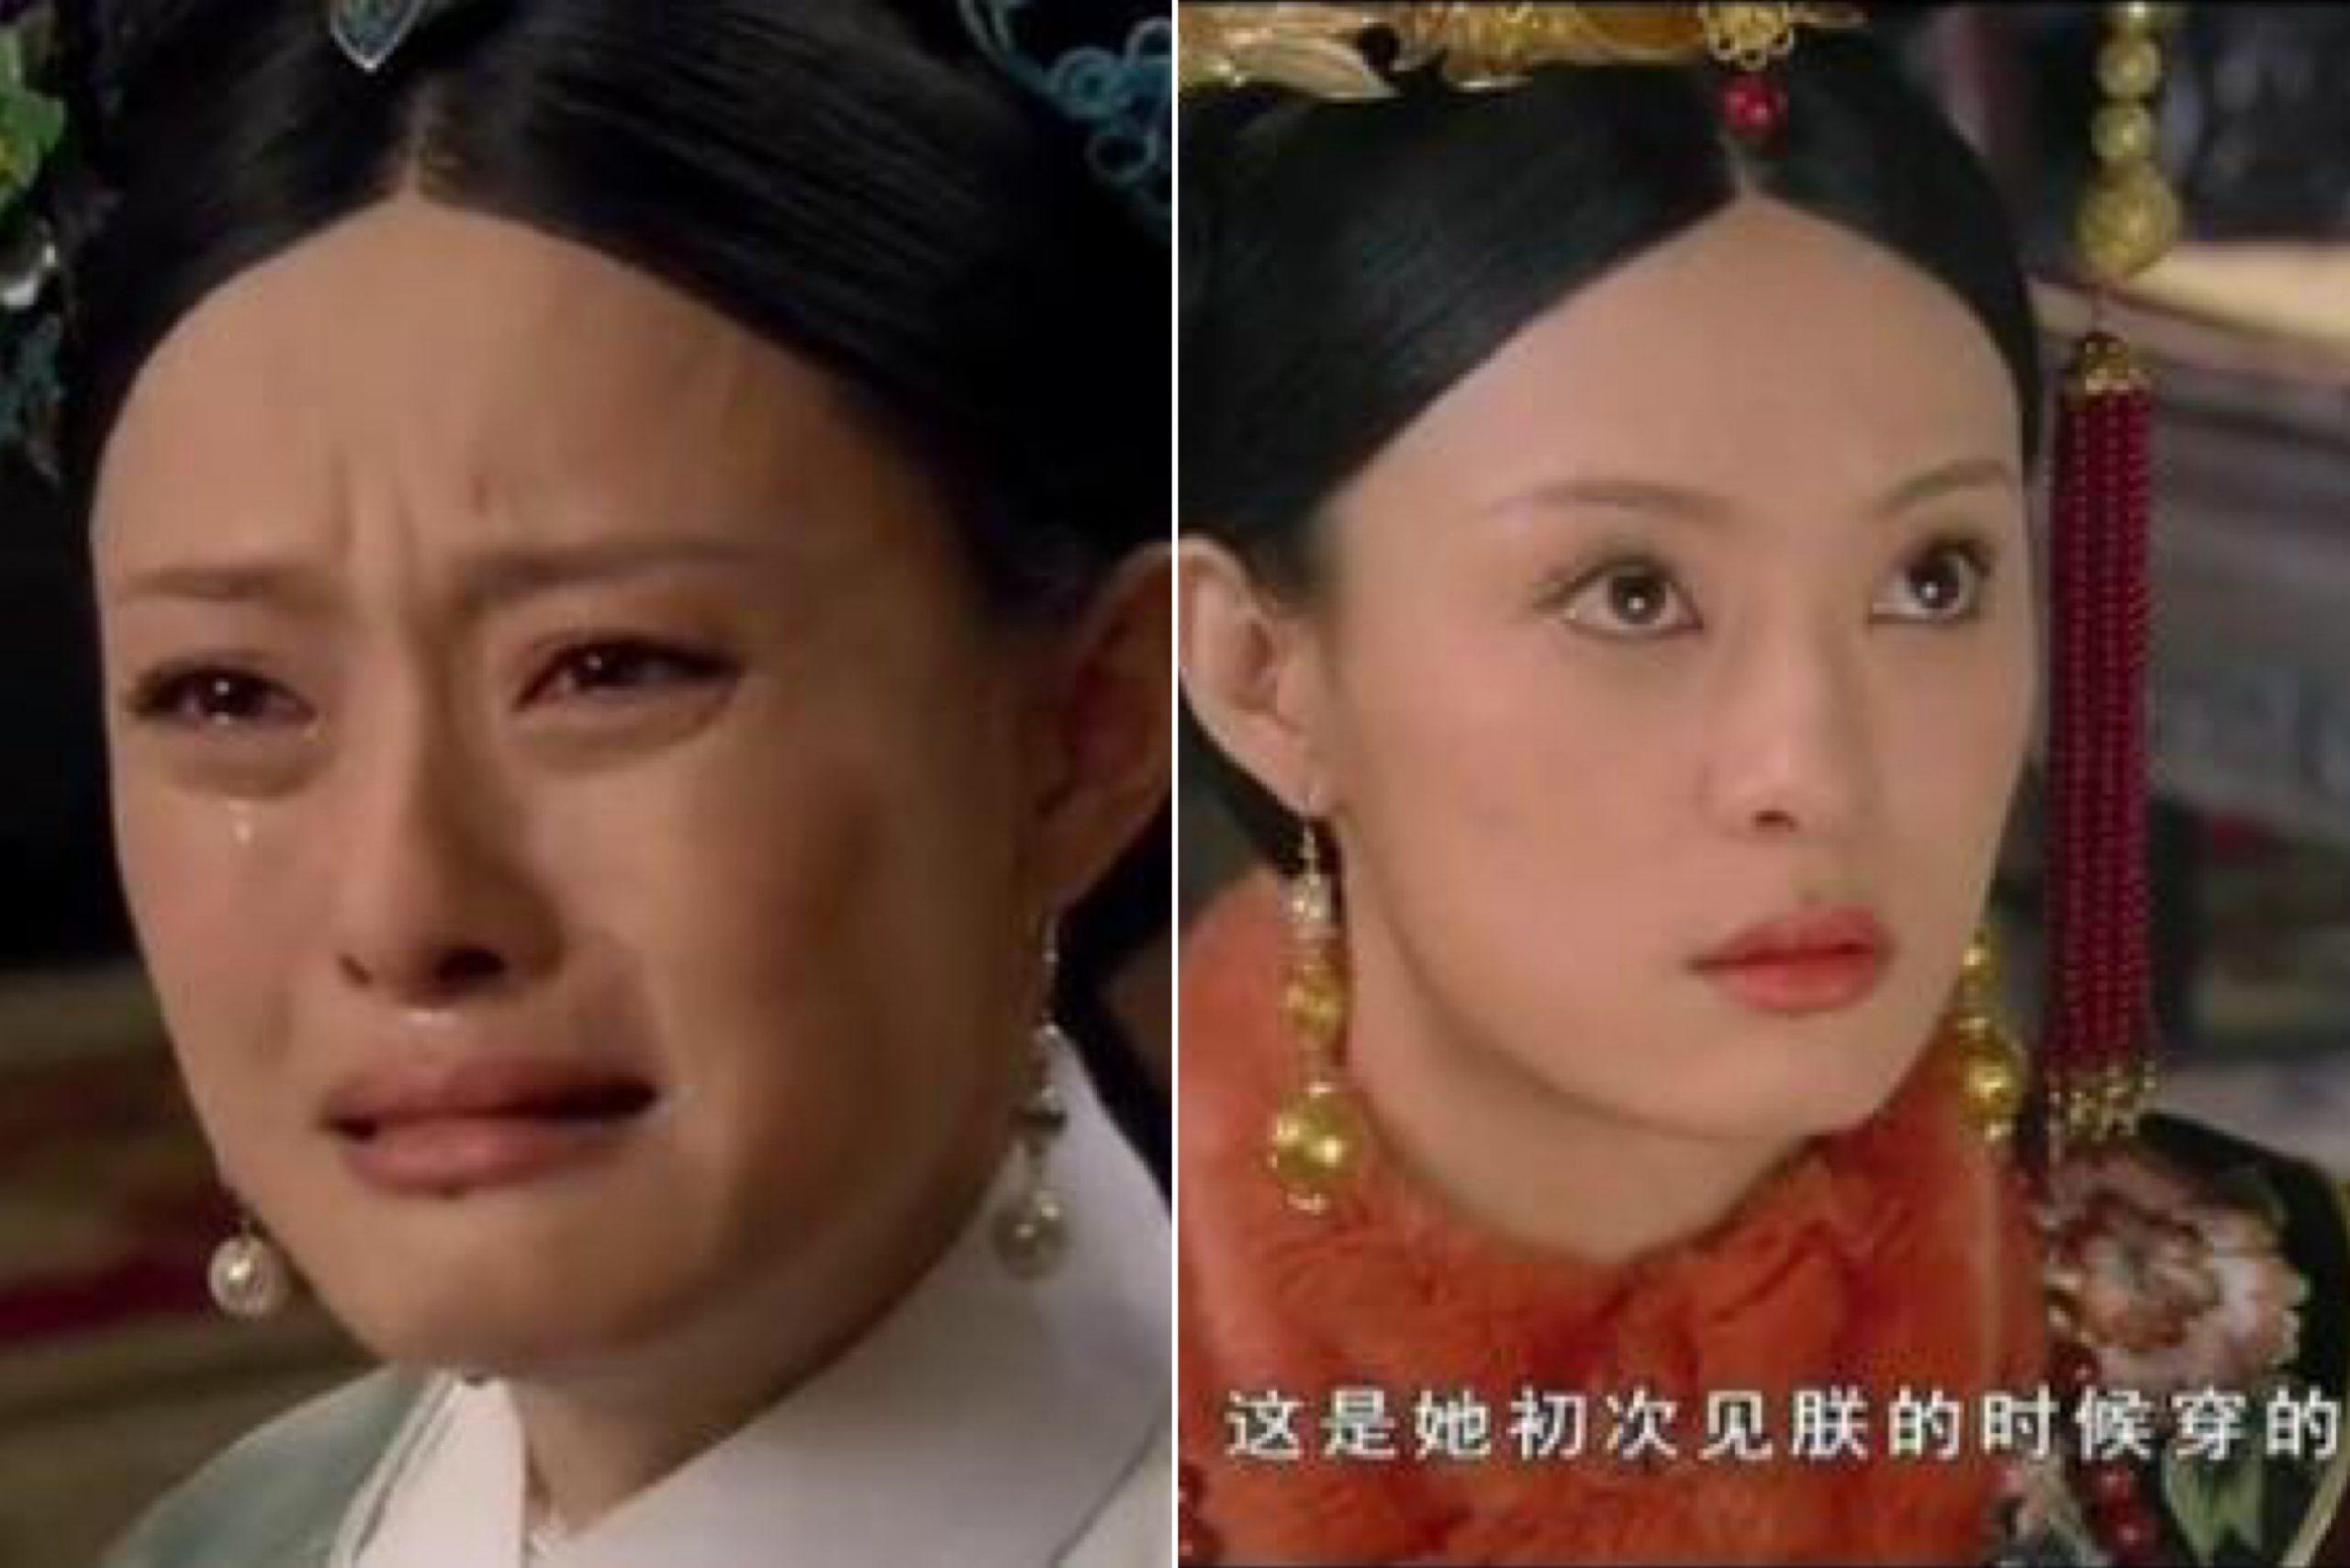 「只因甄嬛誤穿純元皇后故衣而失了妃位嗎?」其實是這三點造成!— 我們用電影寫日記